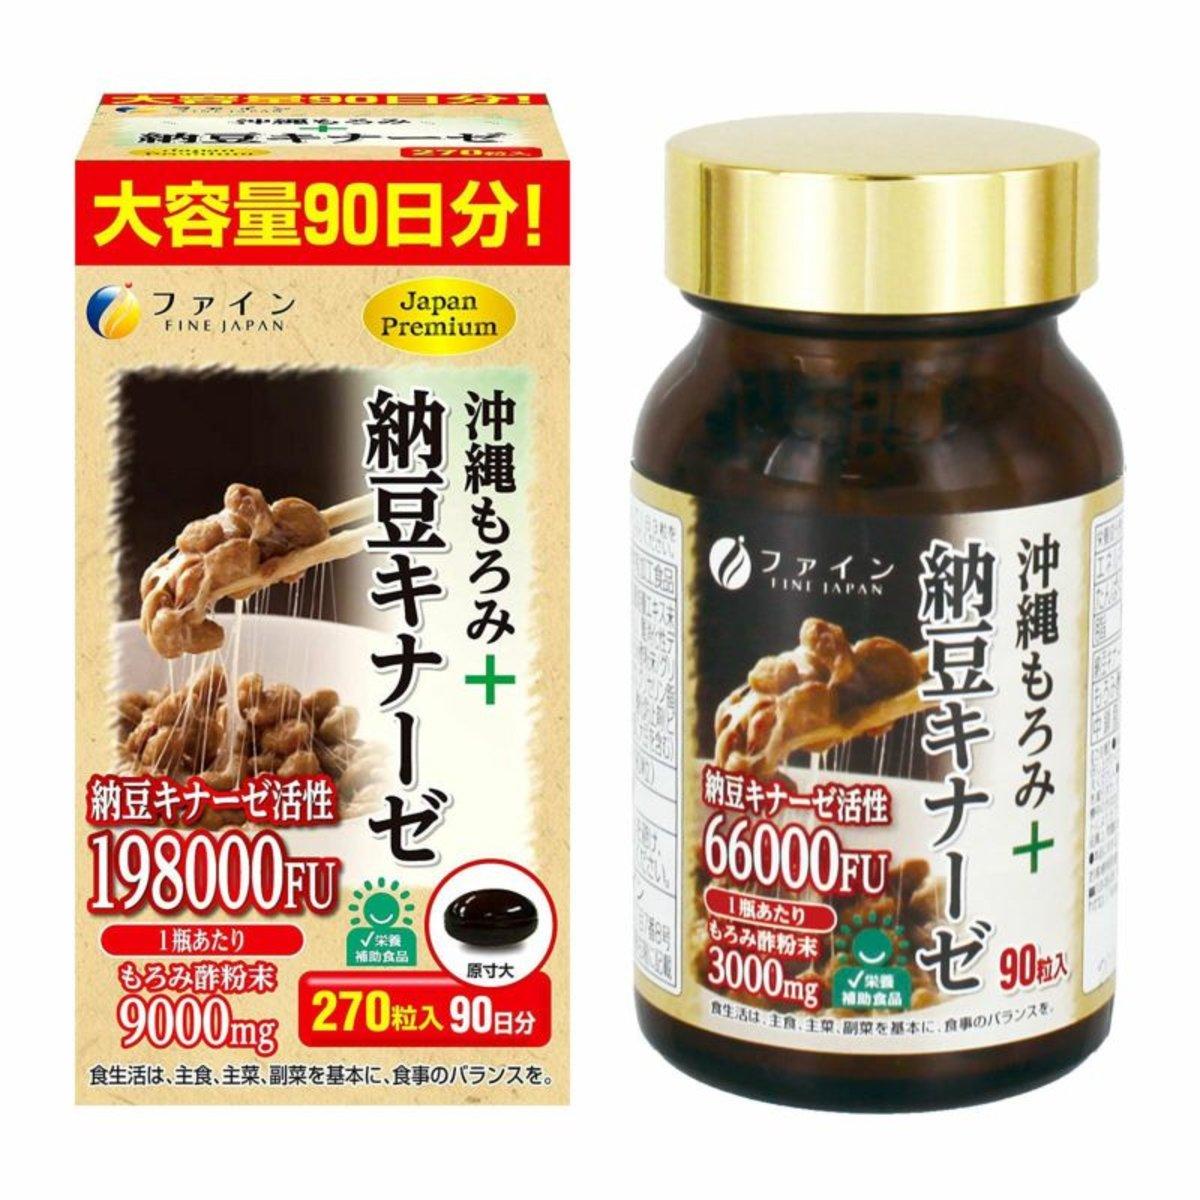 FINE Natto Kinas+Okinawa Moromi Vinegar 121.5g (450mg x 270's) (013537)